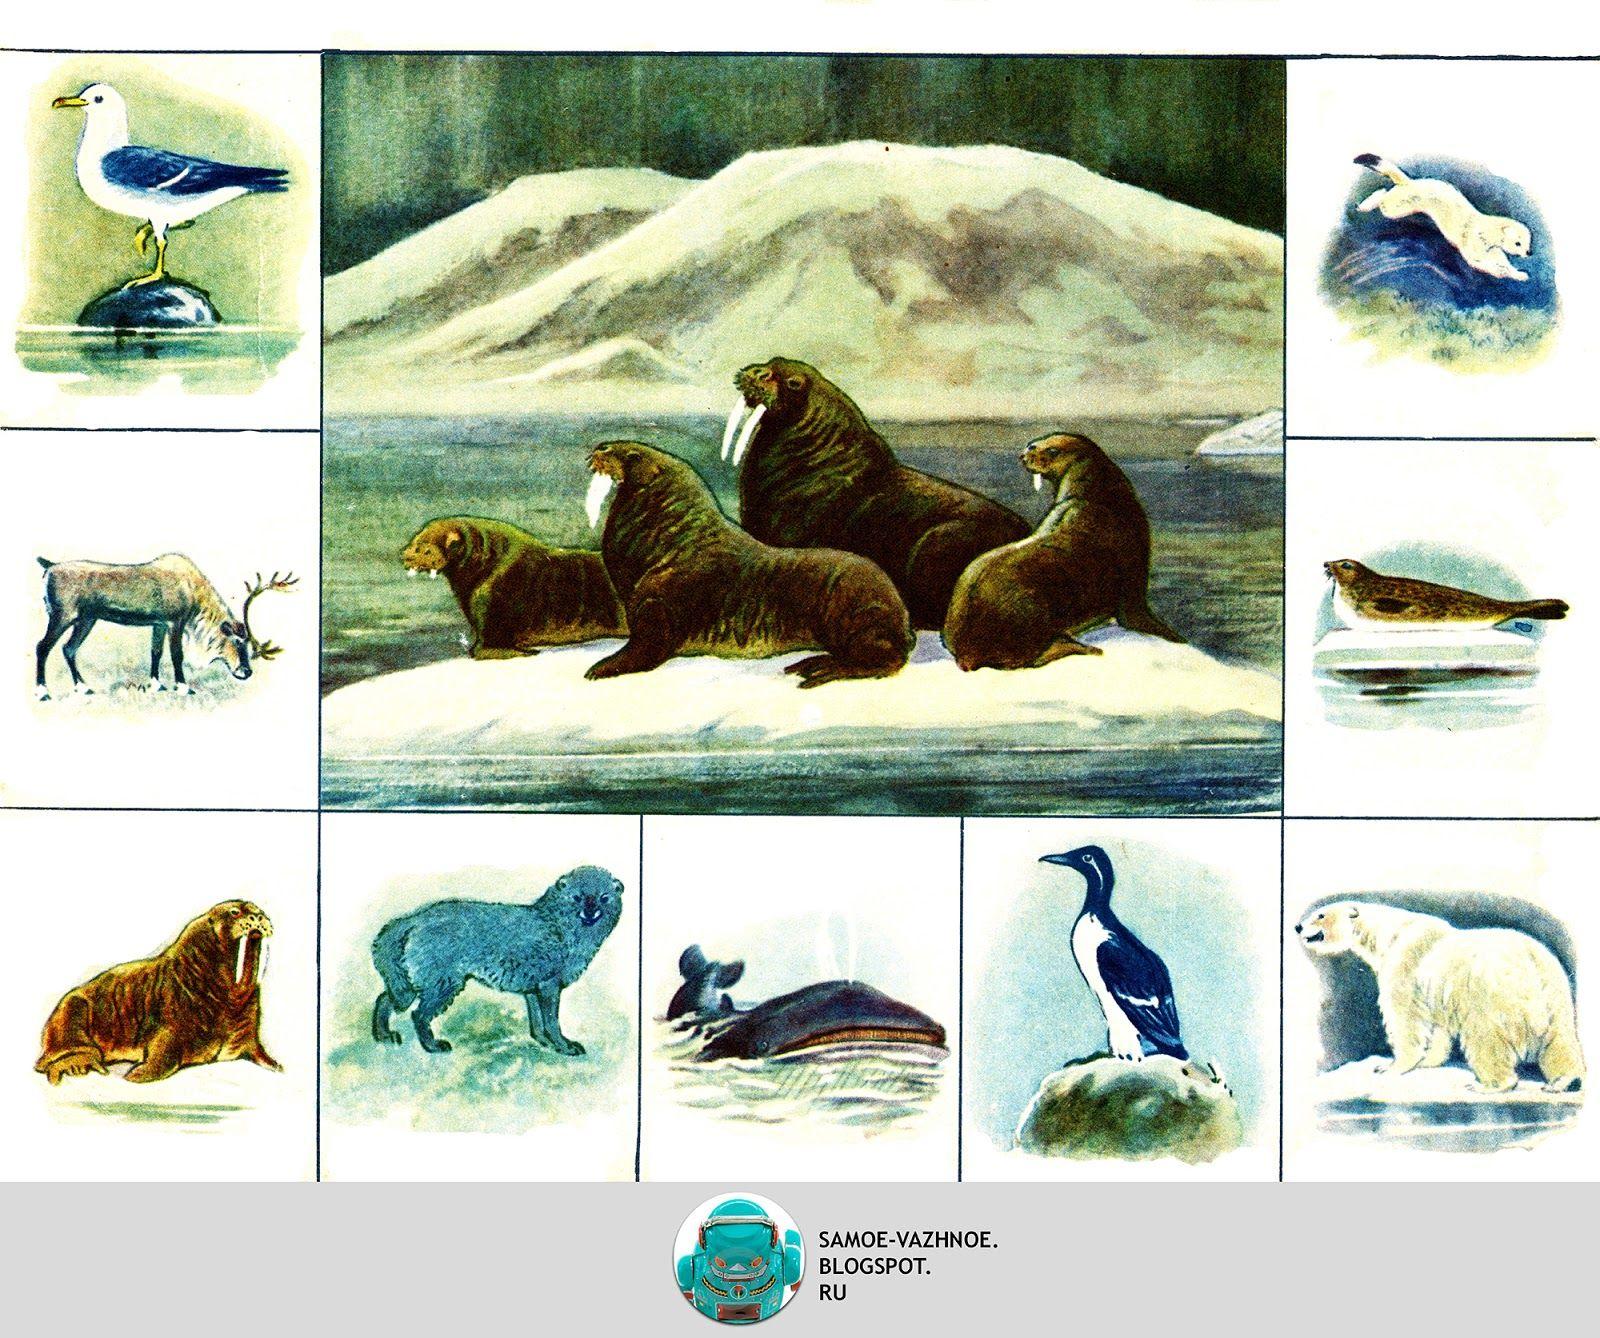 мадабе дидактические картинки животные севера красоты